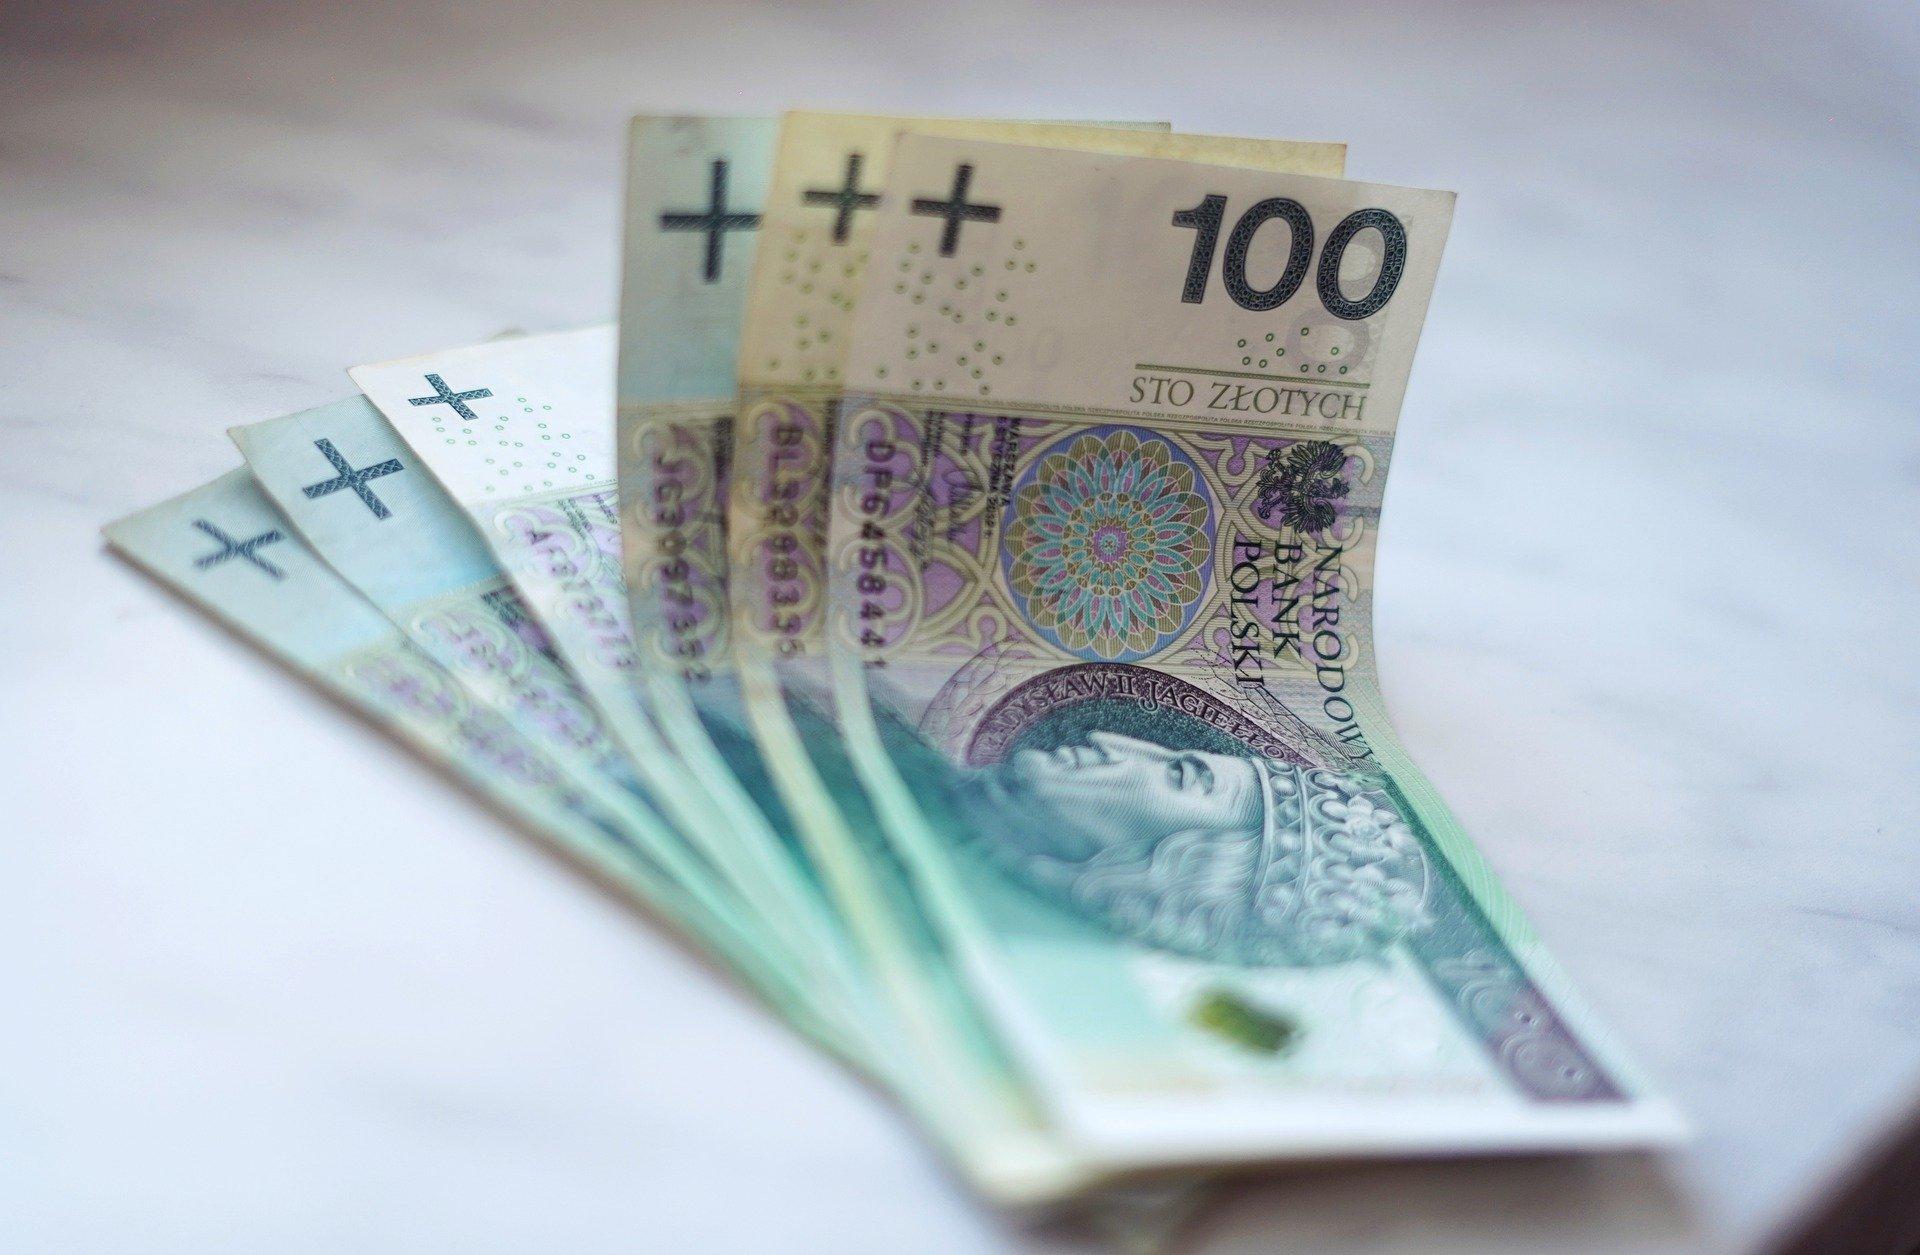 na zdjęciu znajduje się plik banknotów stuzłotowych